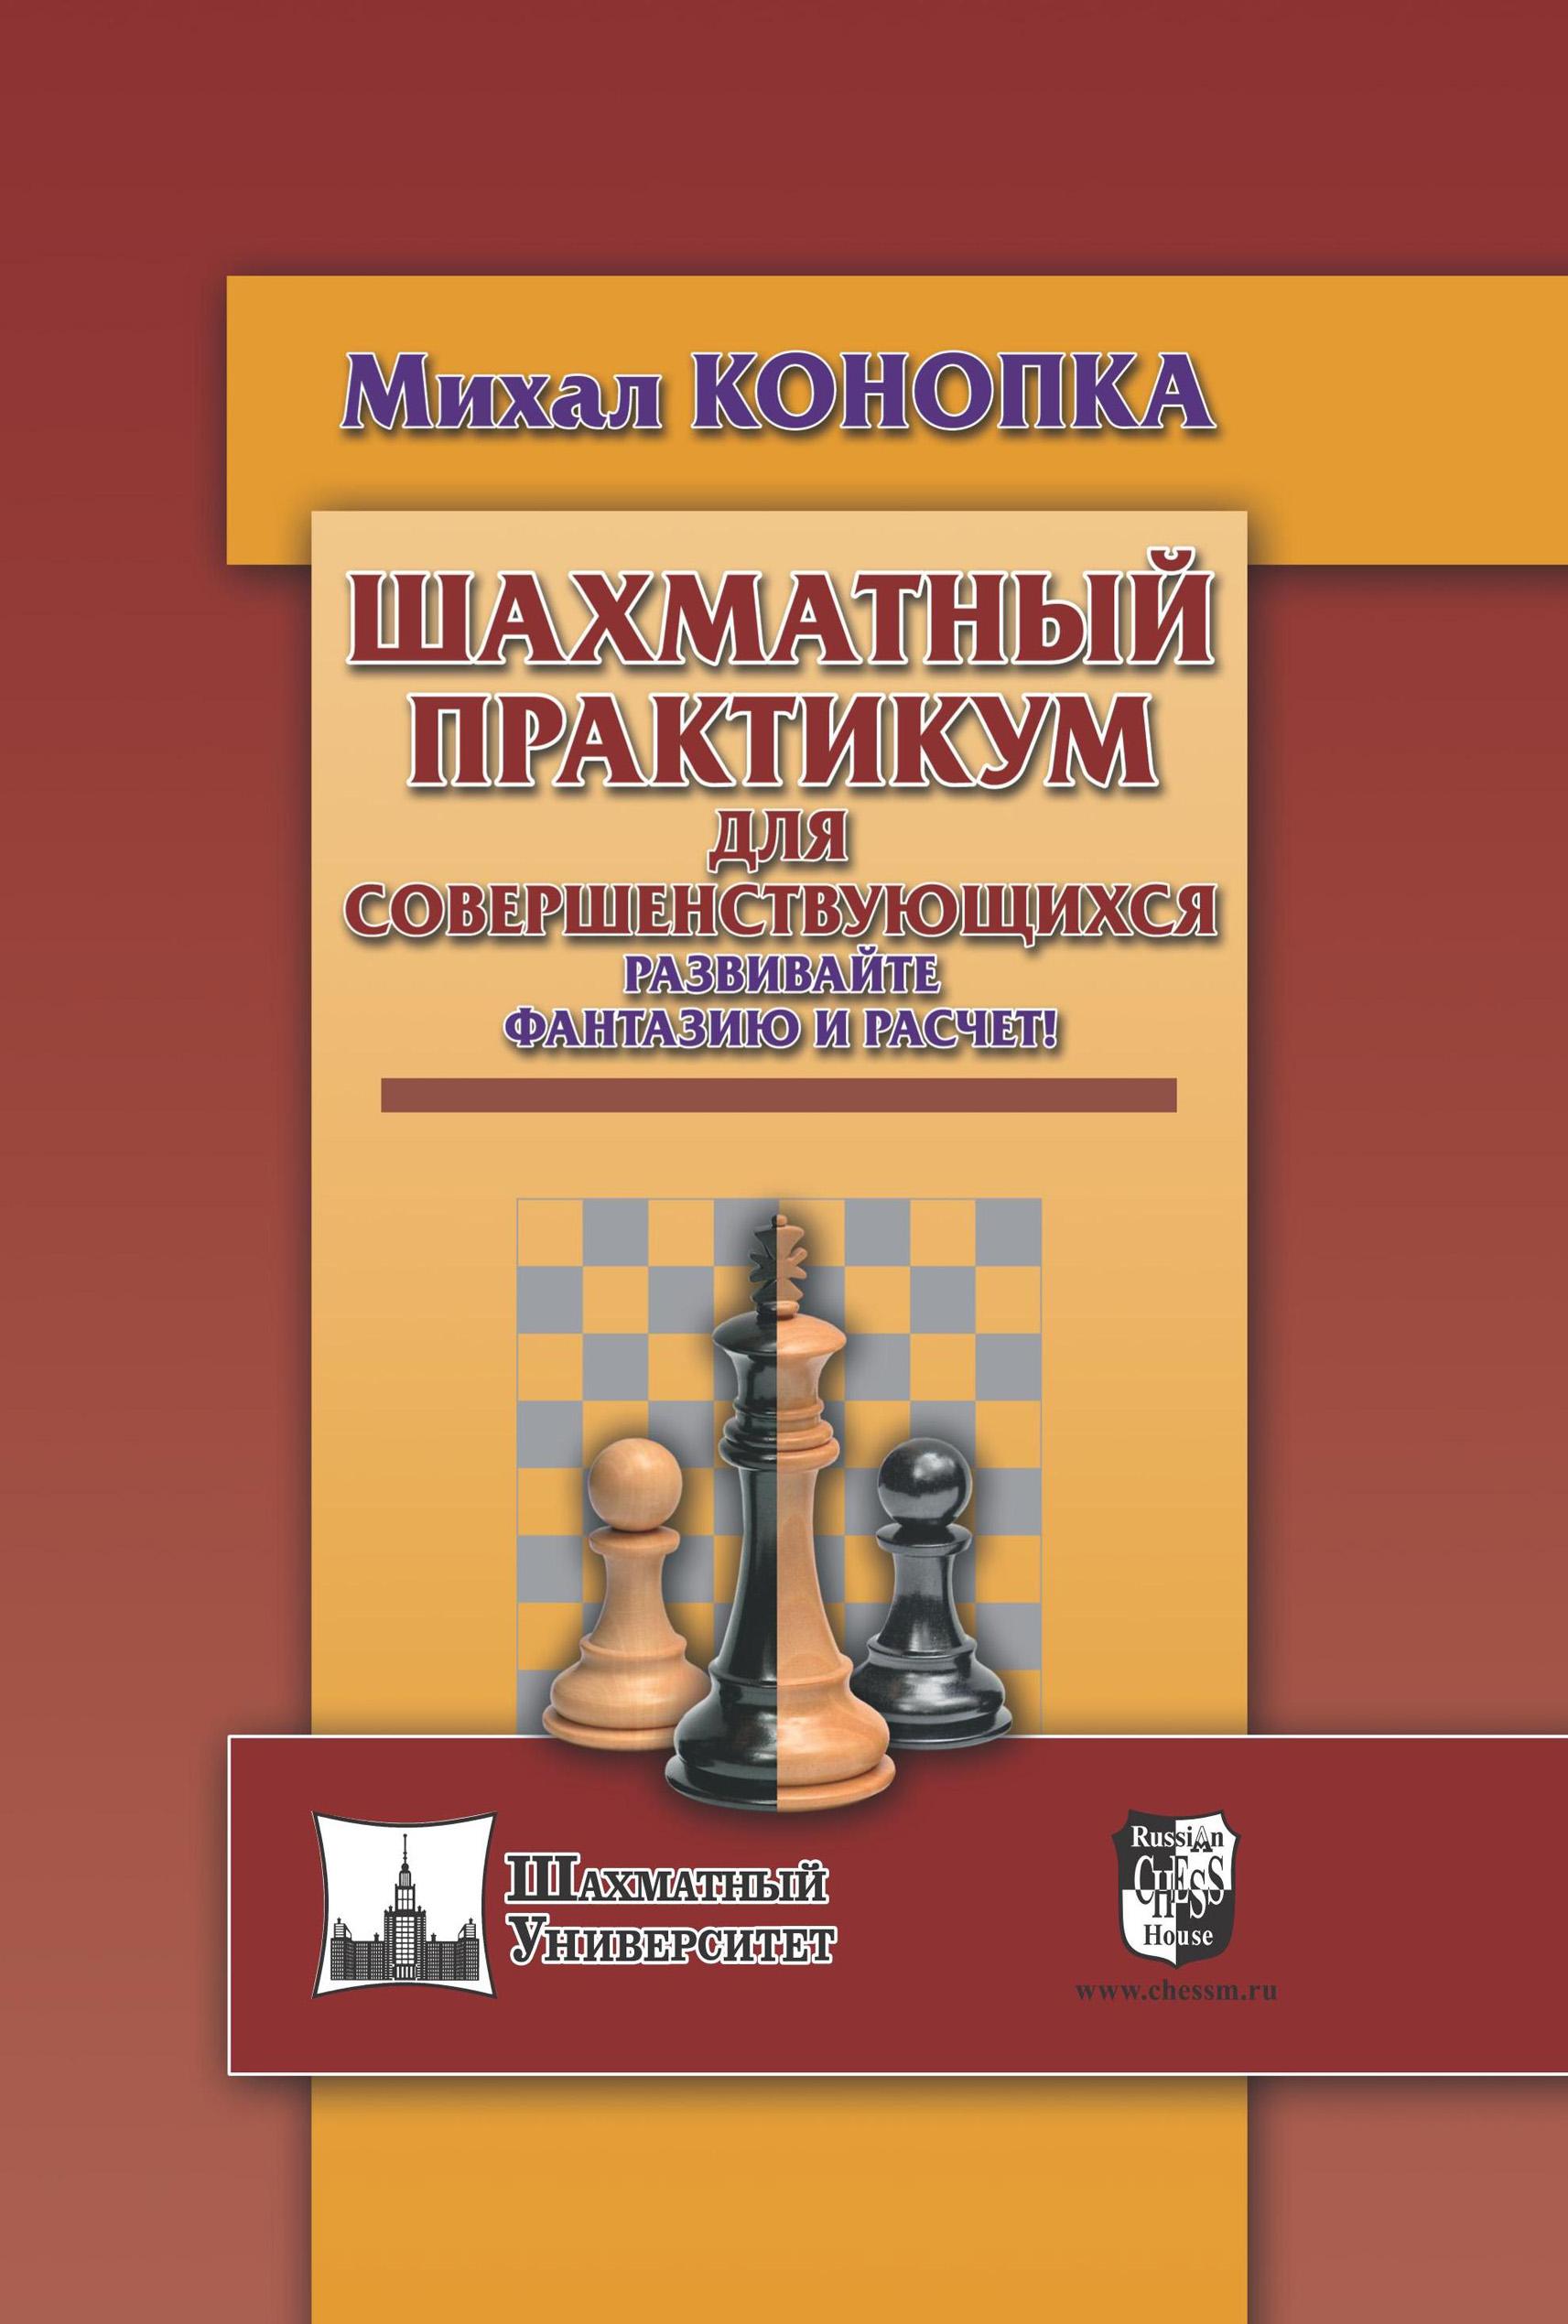 Михал Конопка Шахматный практикум для совершенствующихся. Развивайте фантазию и расчет! михал конопка шахматный практикум для совершенствующихся развивайте фантазию и расчет